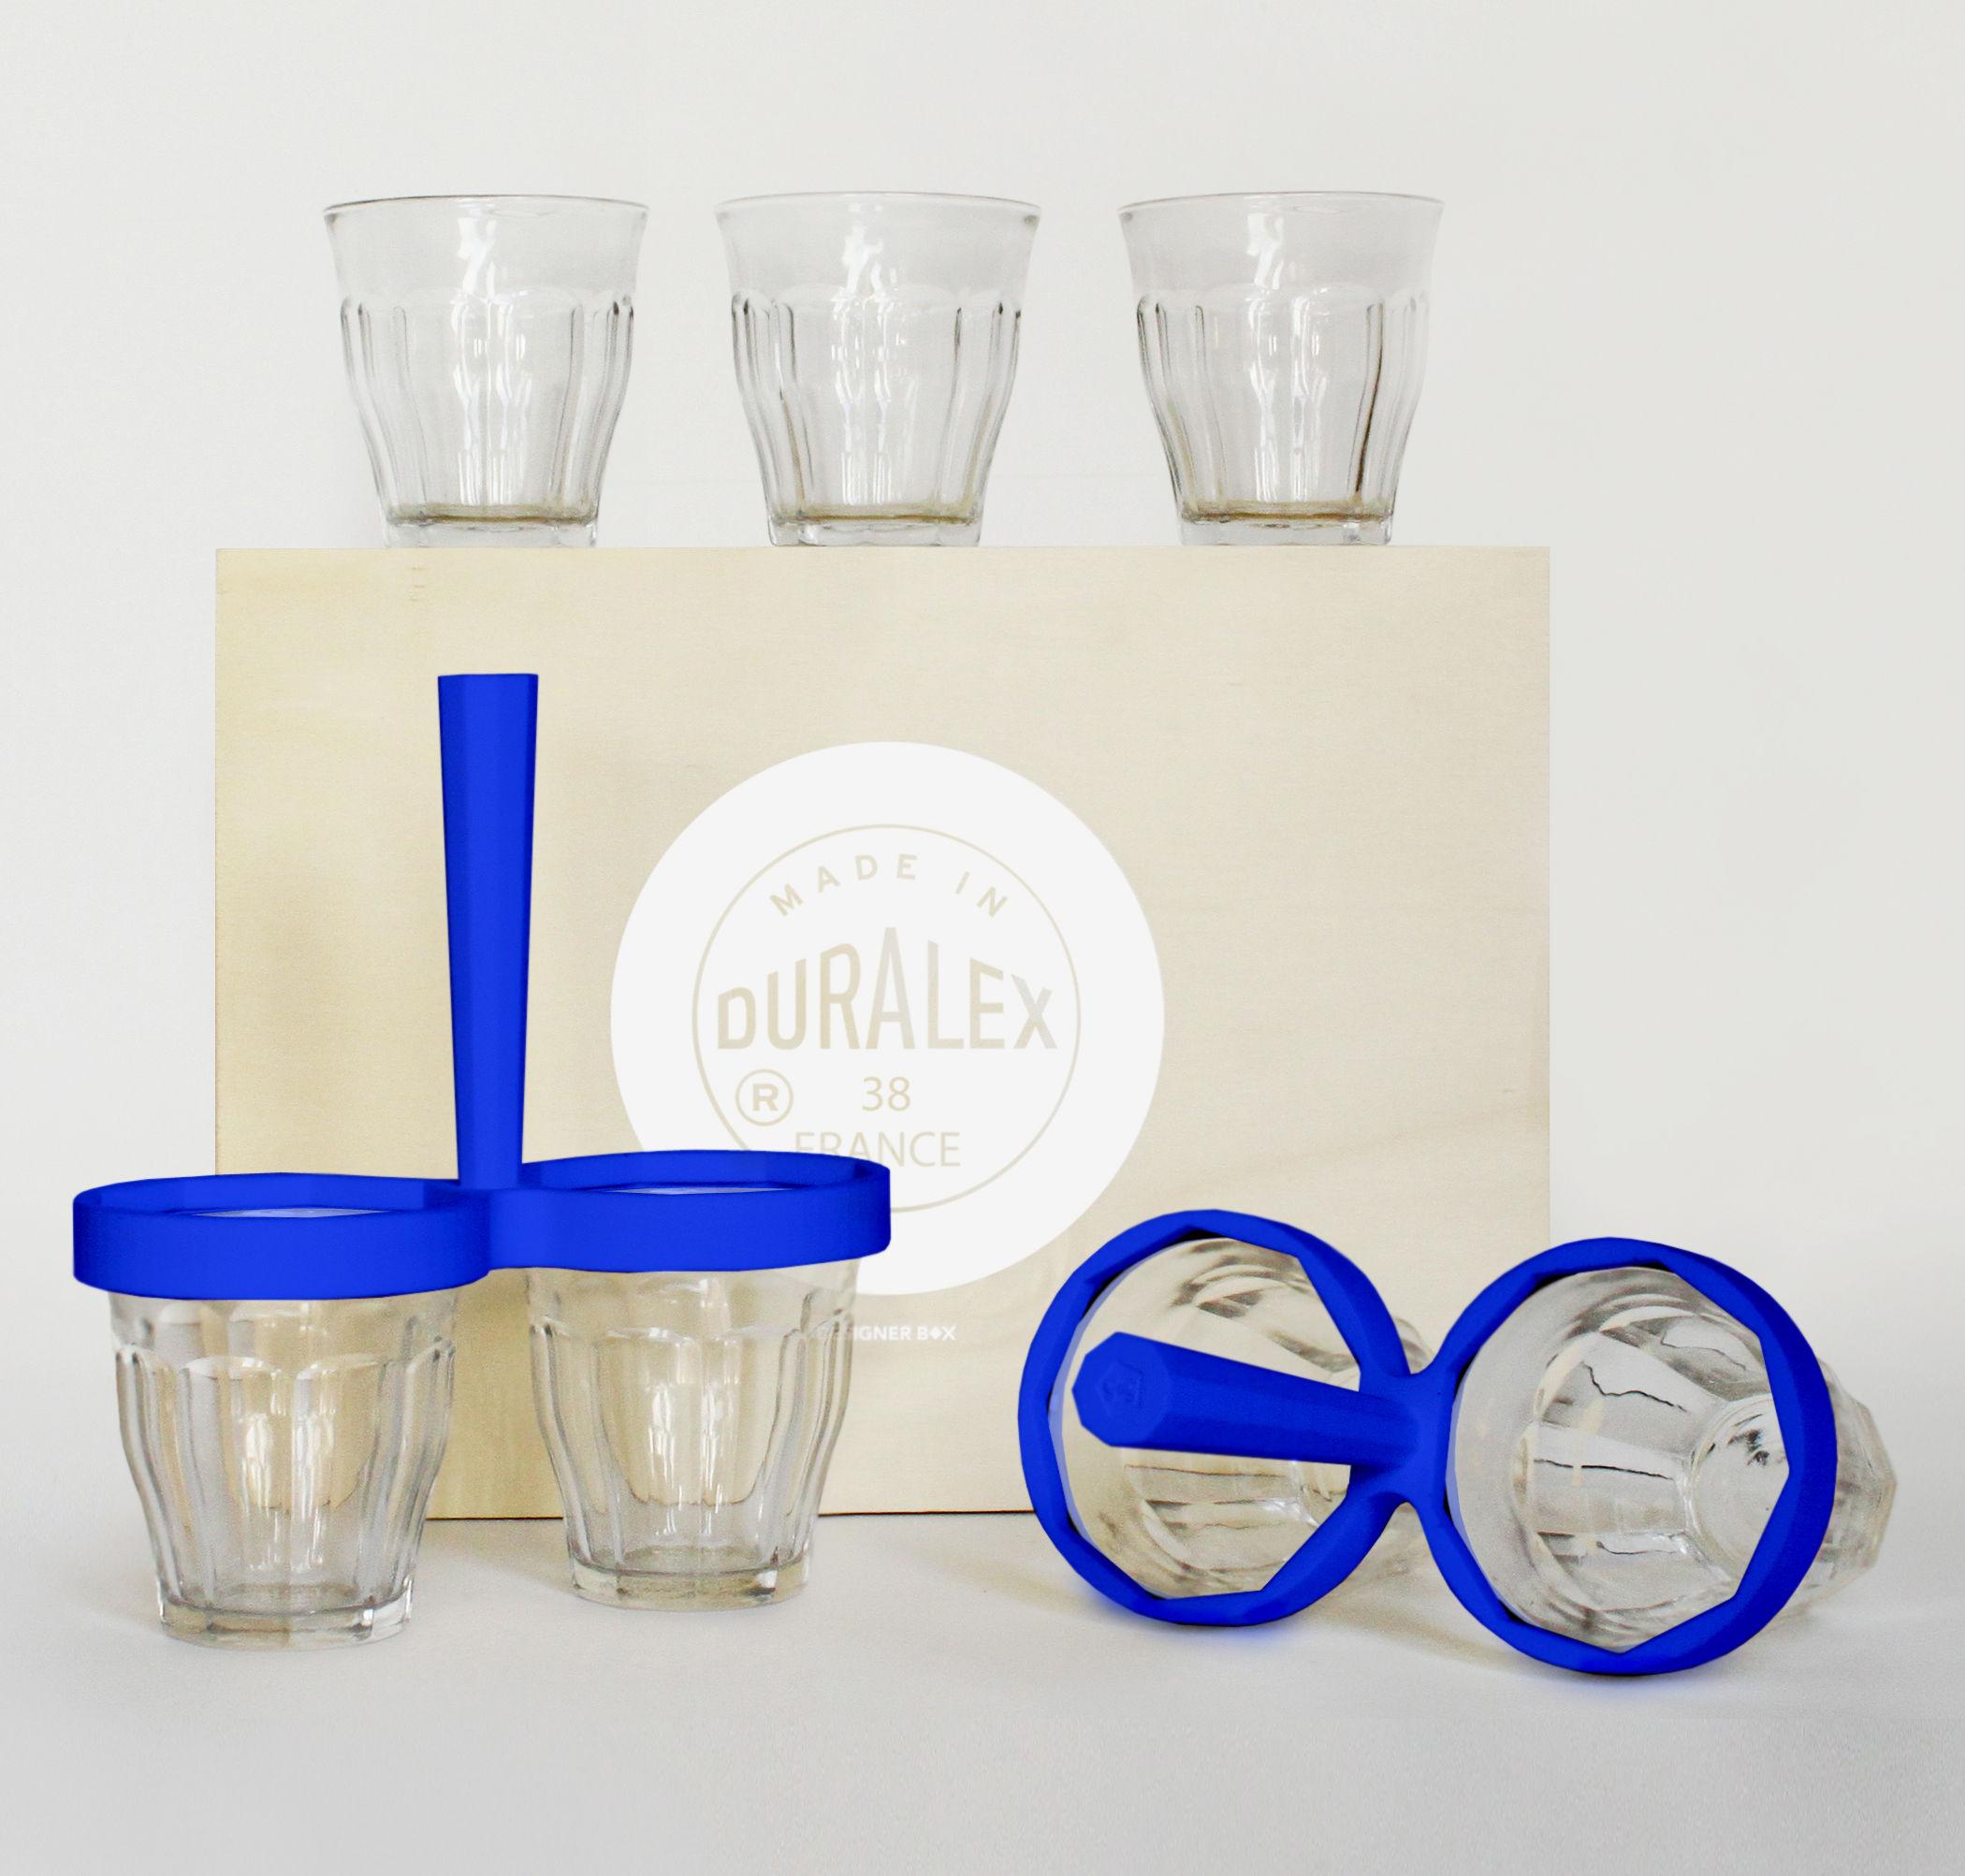 Arts de la table - Saladiers, coupes et bols - Coffret Designerbox#38 / Kit coupelles apéro : 2 poignées + 4 verres Duralex - 5.5 Designers - Designerbox - Poignées bleues / Verres transparent - Plastique TPE, Verre